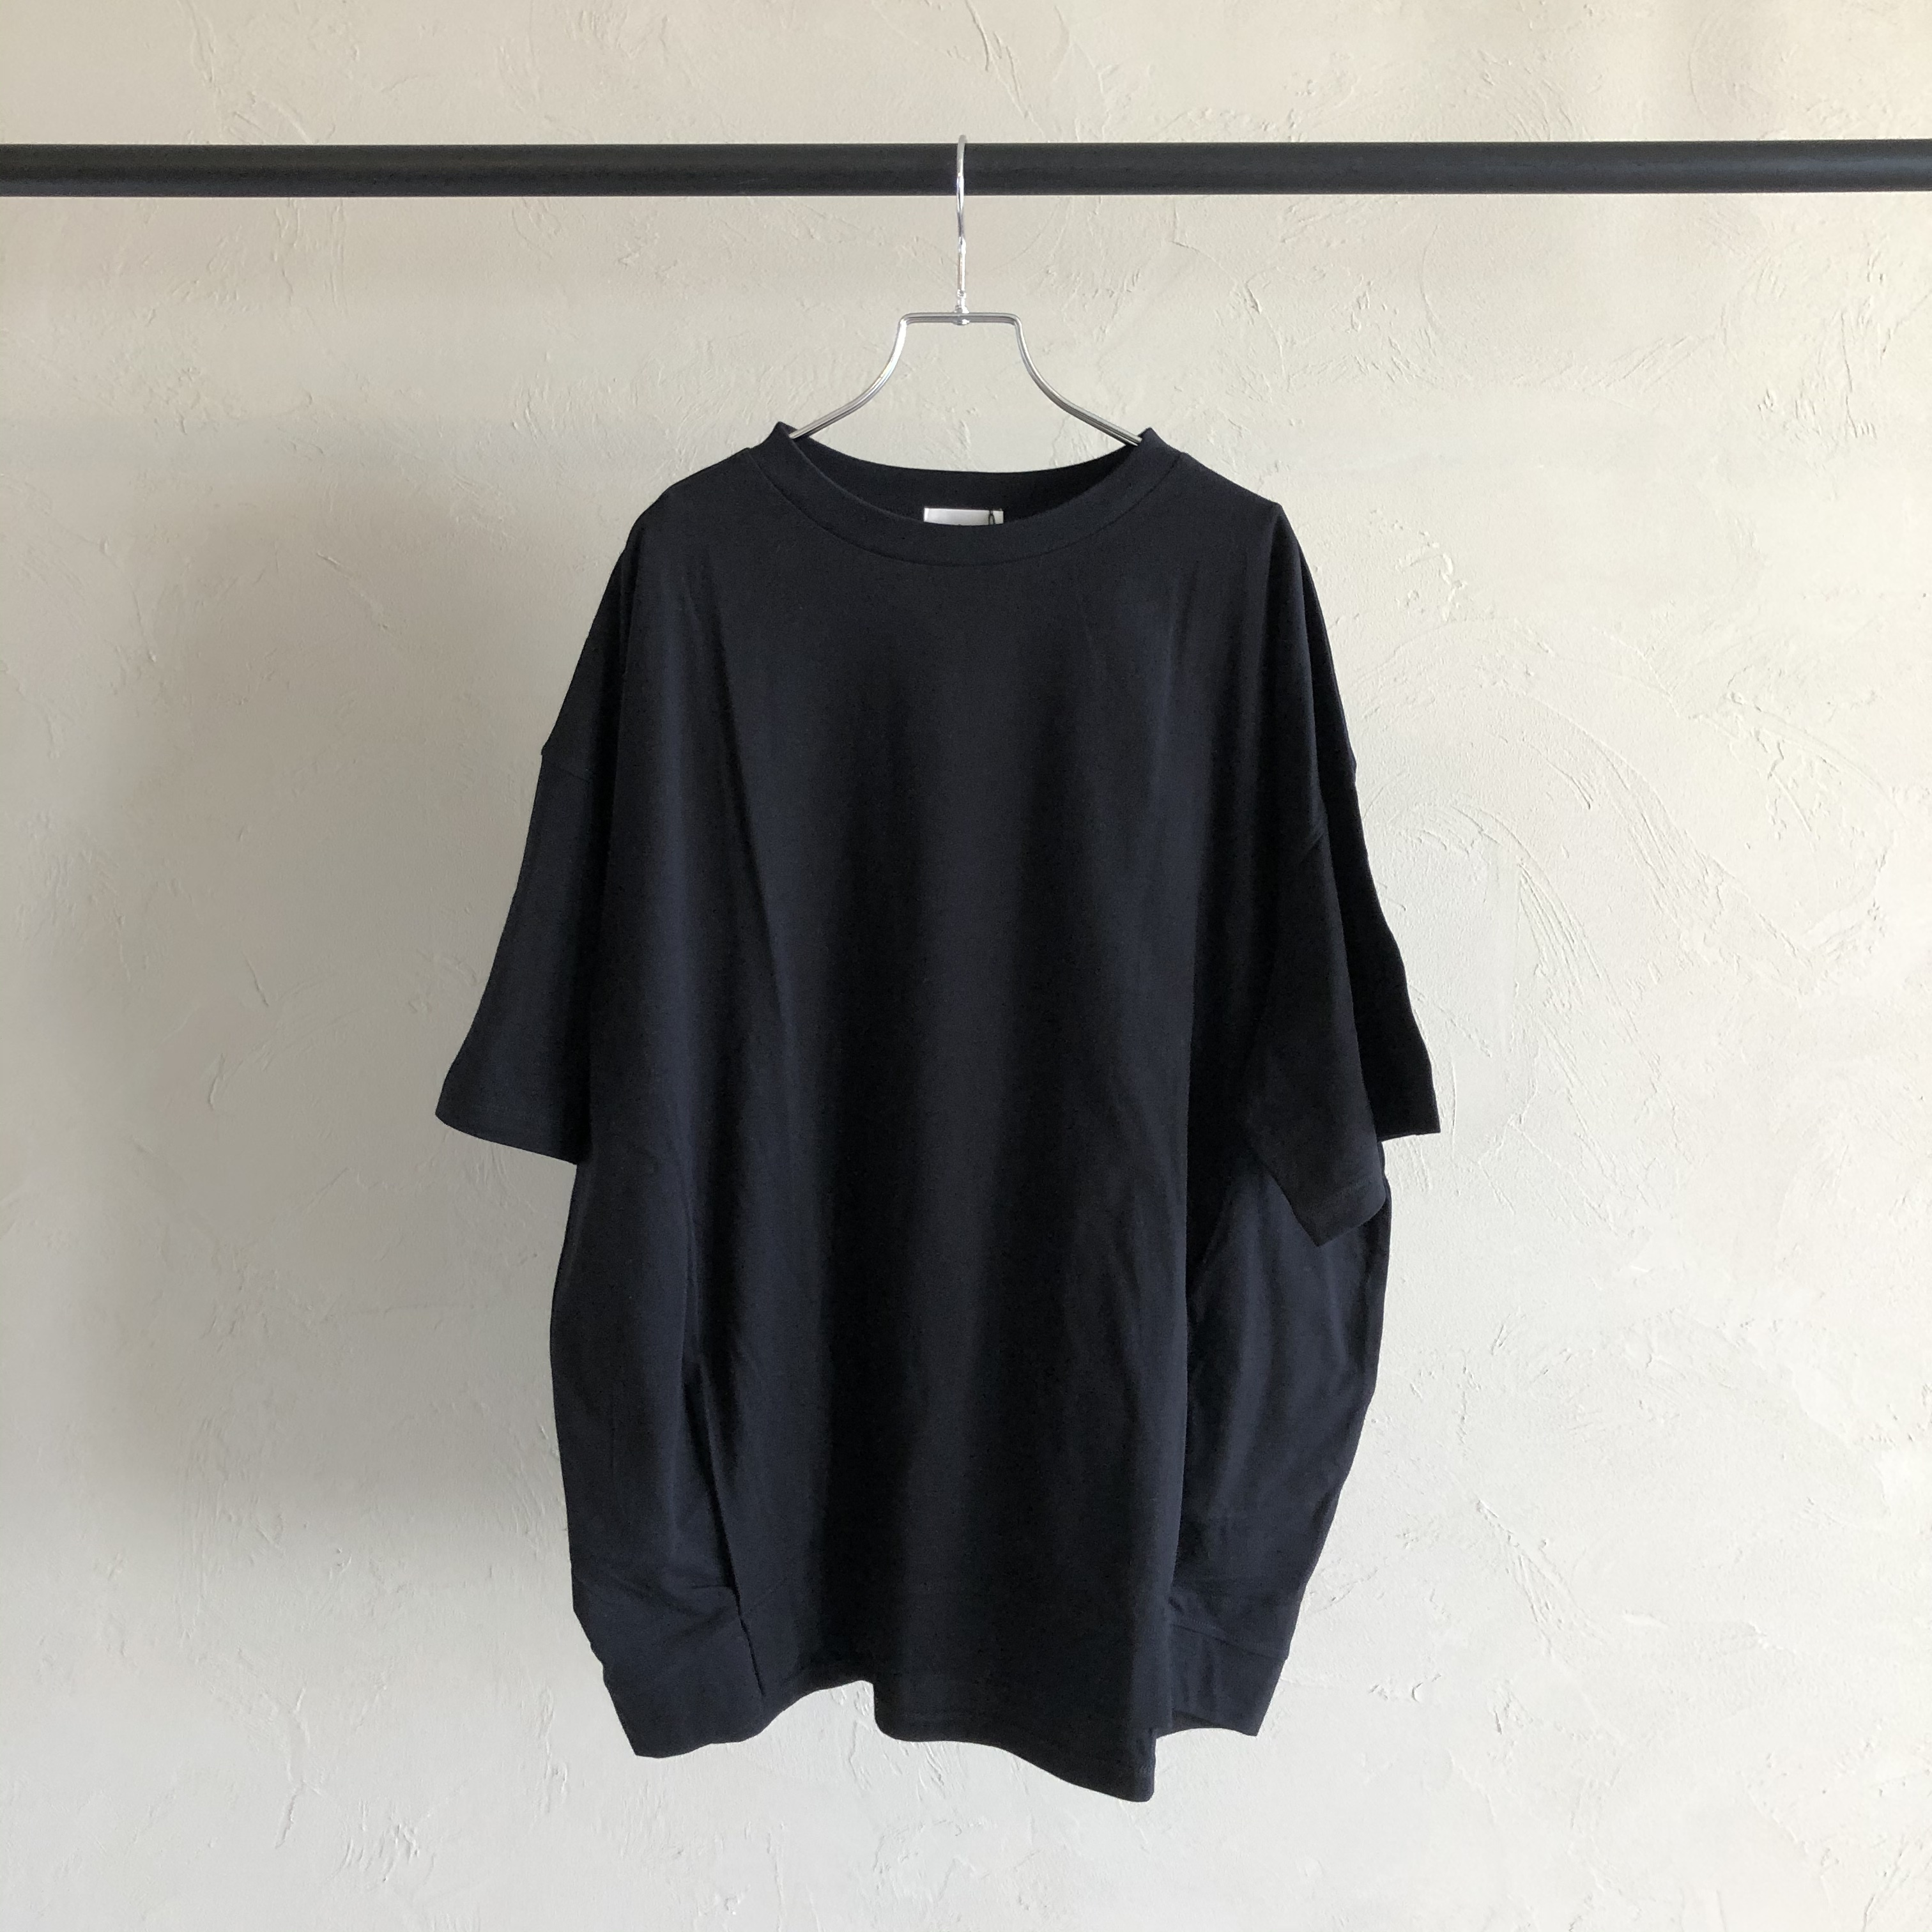 【 siro de labonte 】- R123219 - タックビッグTシャツ